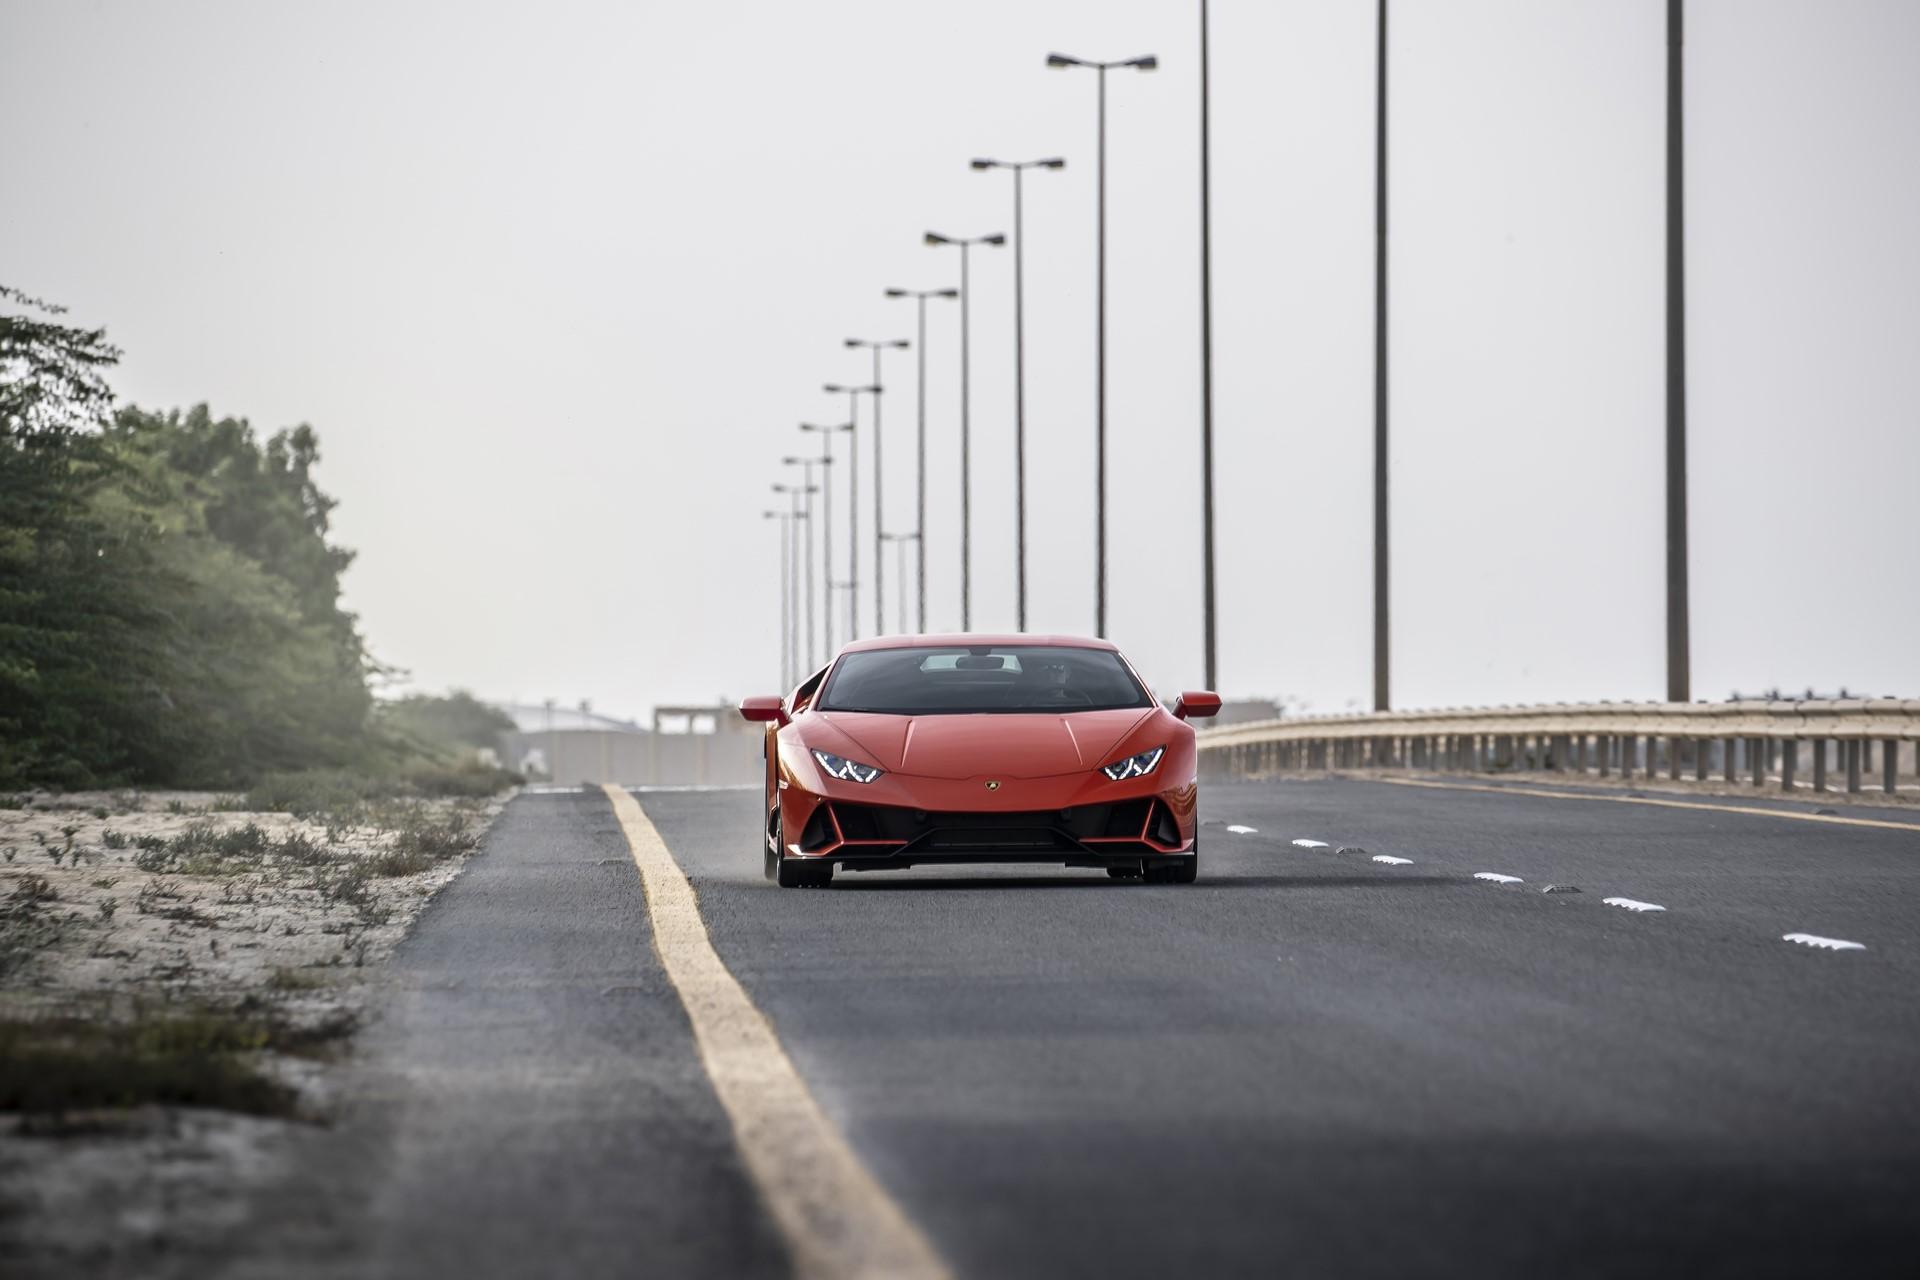 Lamborghini Huracan Evo 2019 (6)